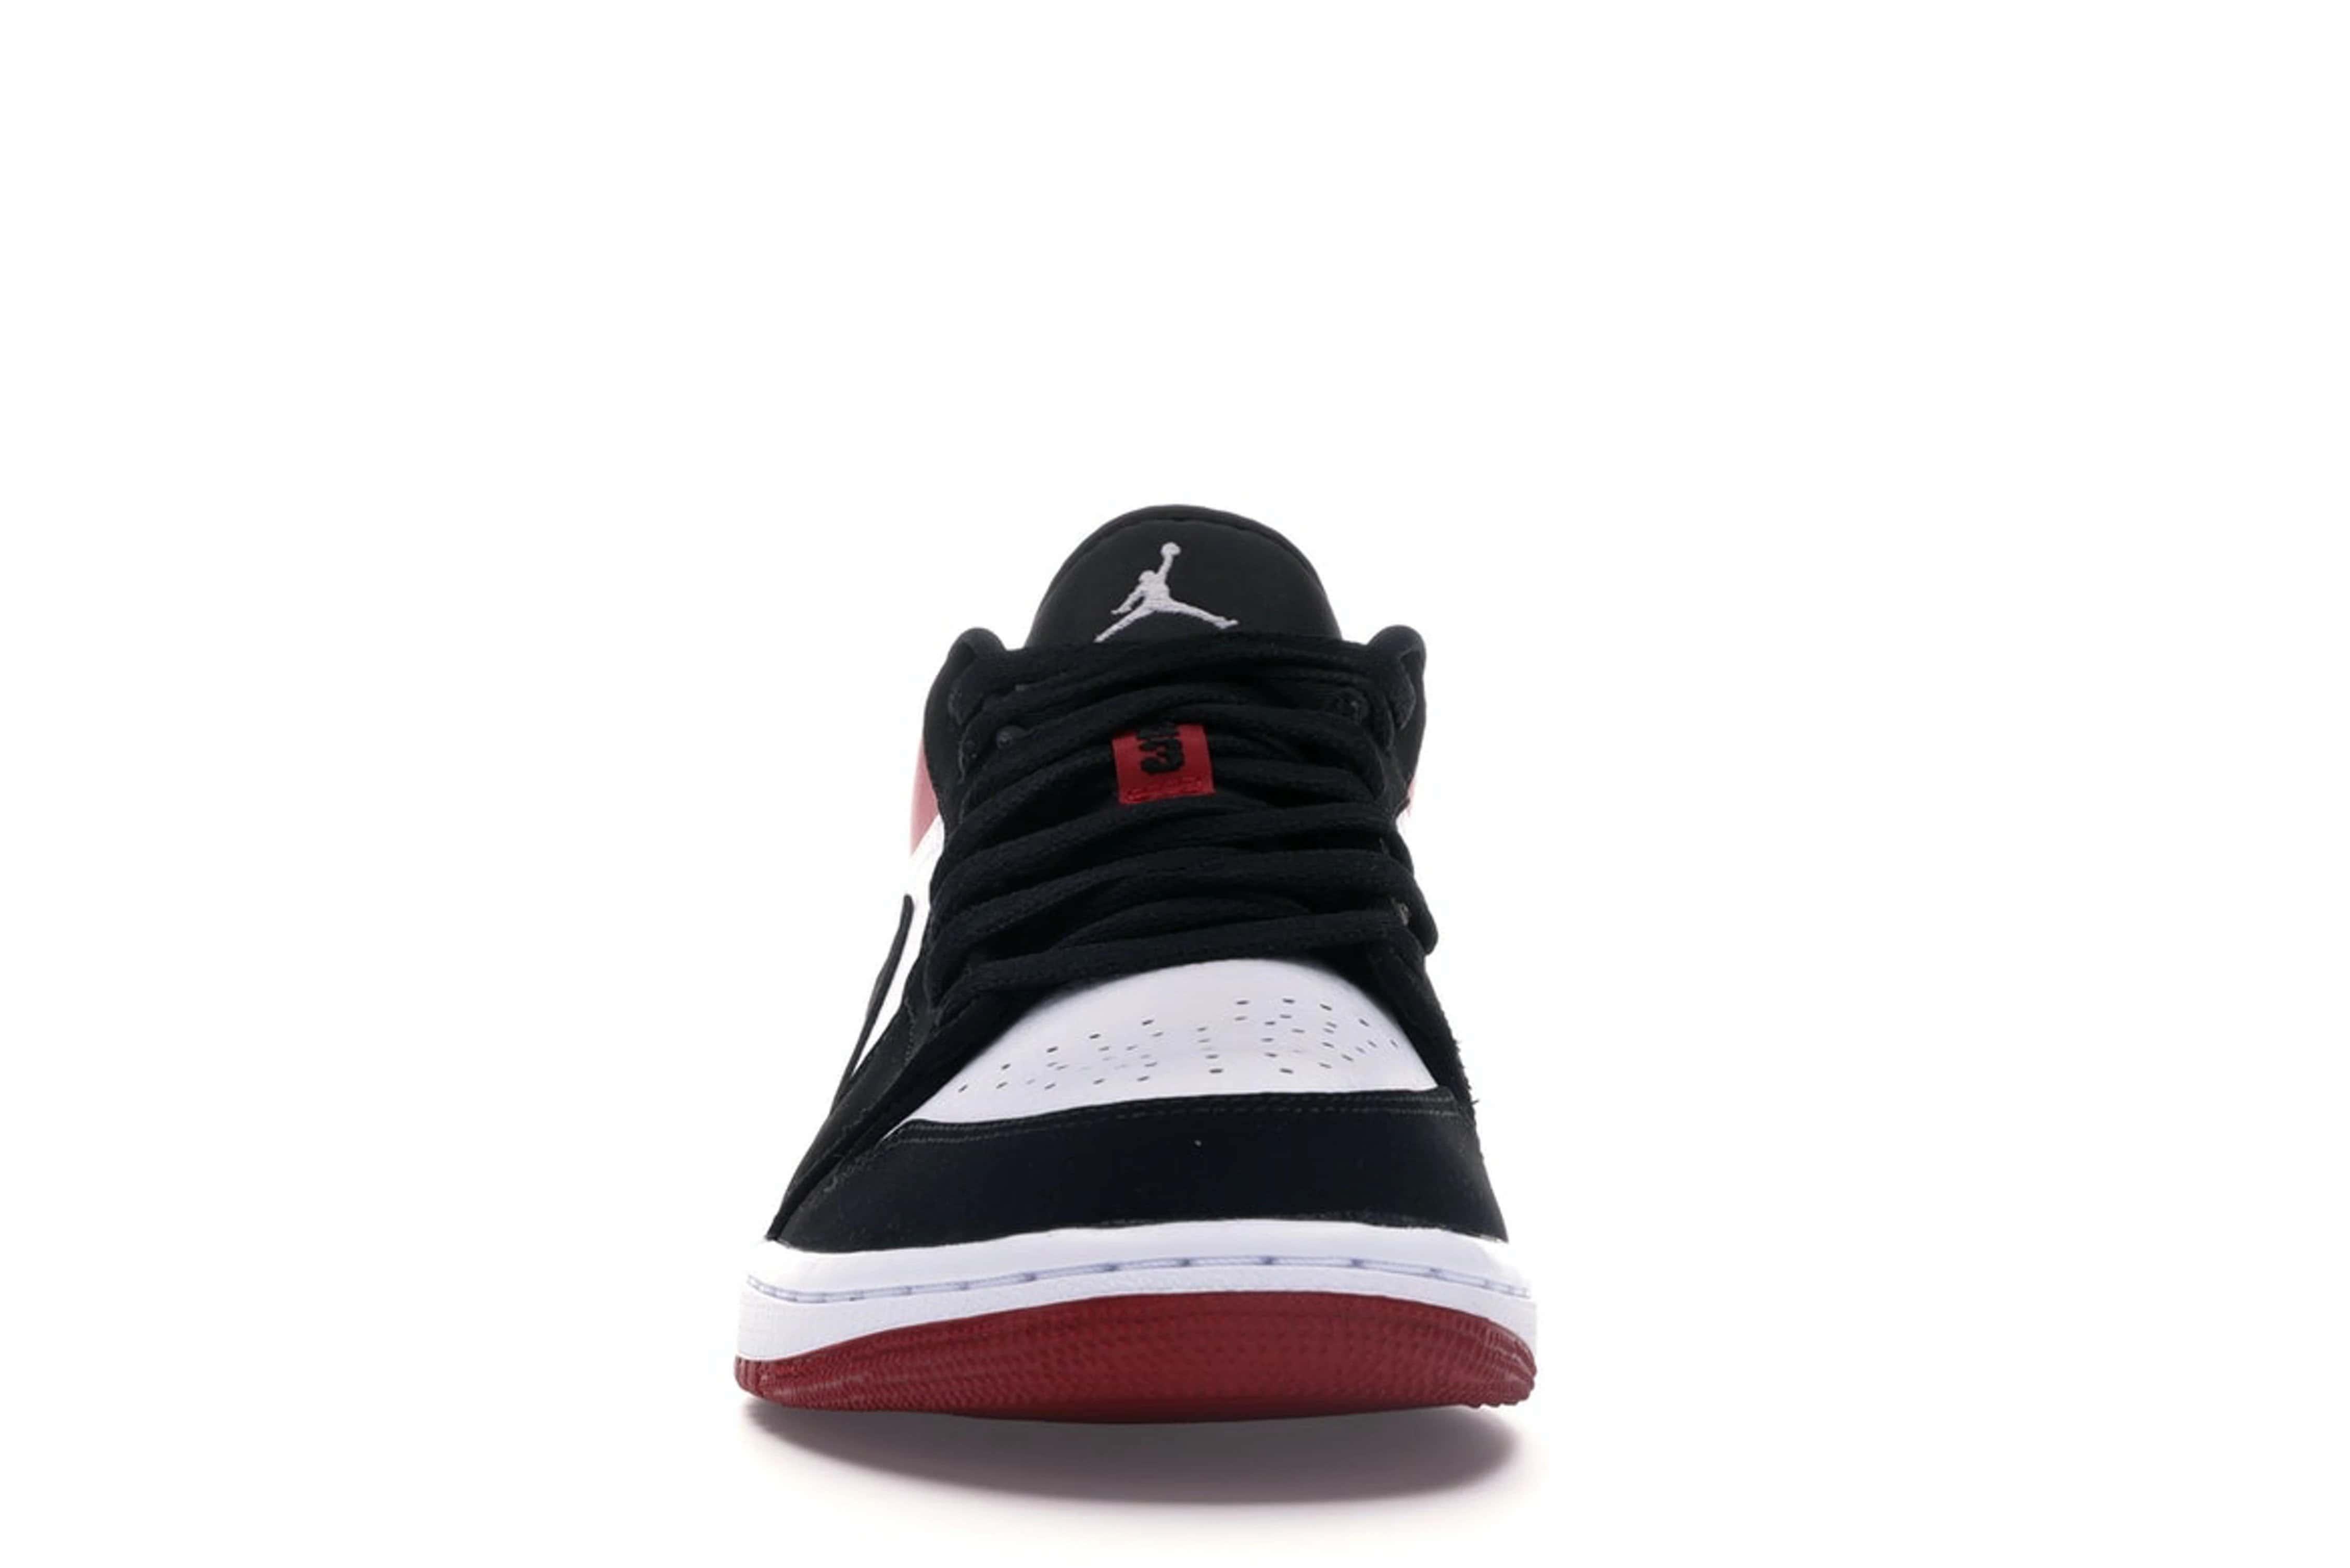 slide 2 - Jordan 1 Low Black Toe